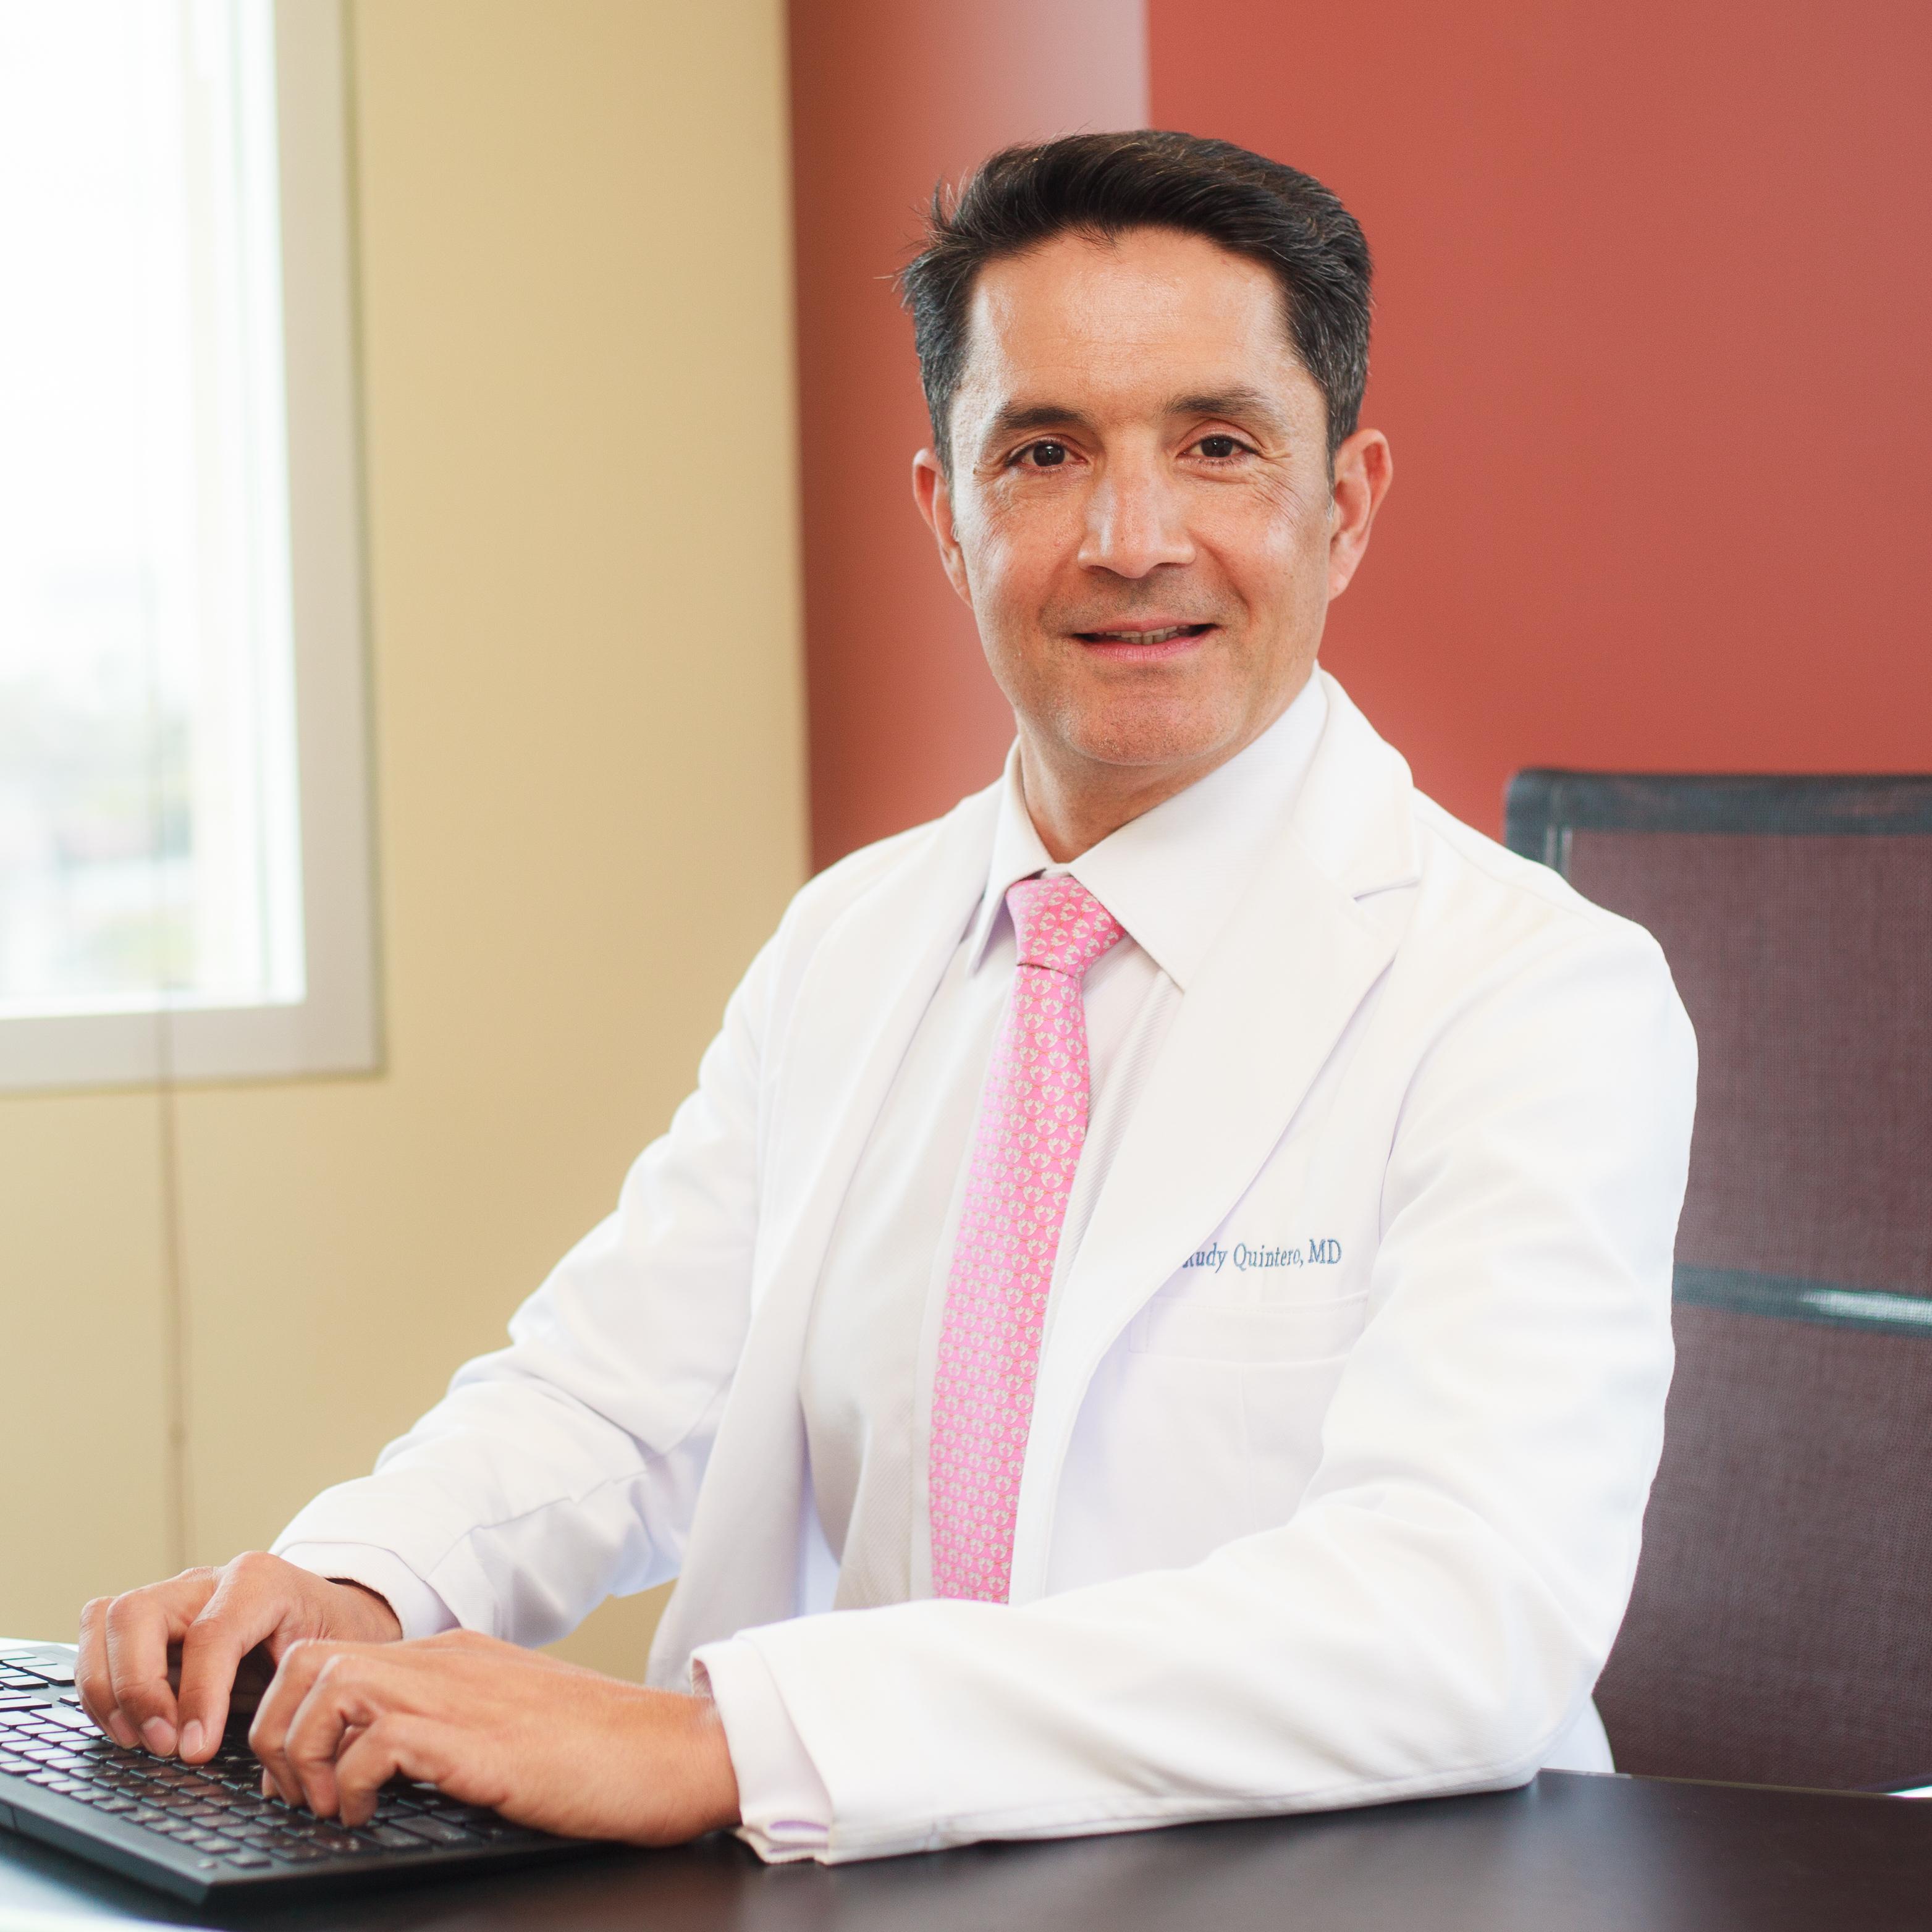 Rudy Quintero, MD